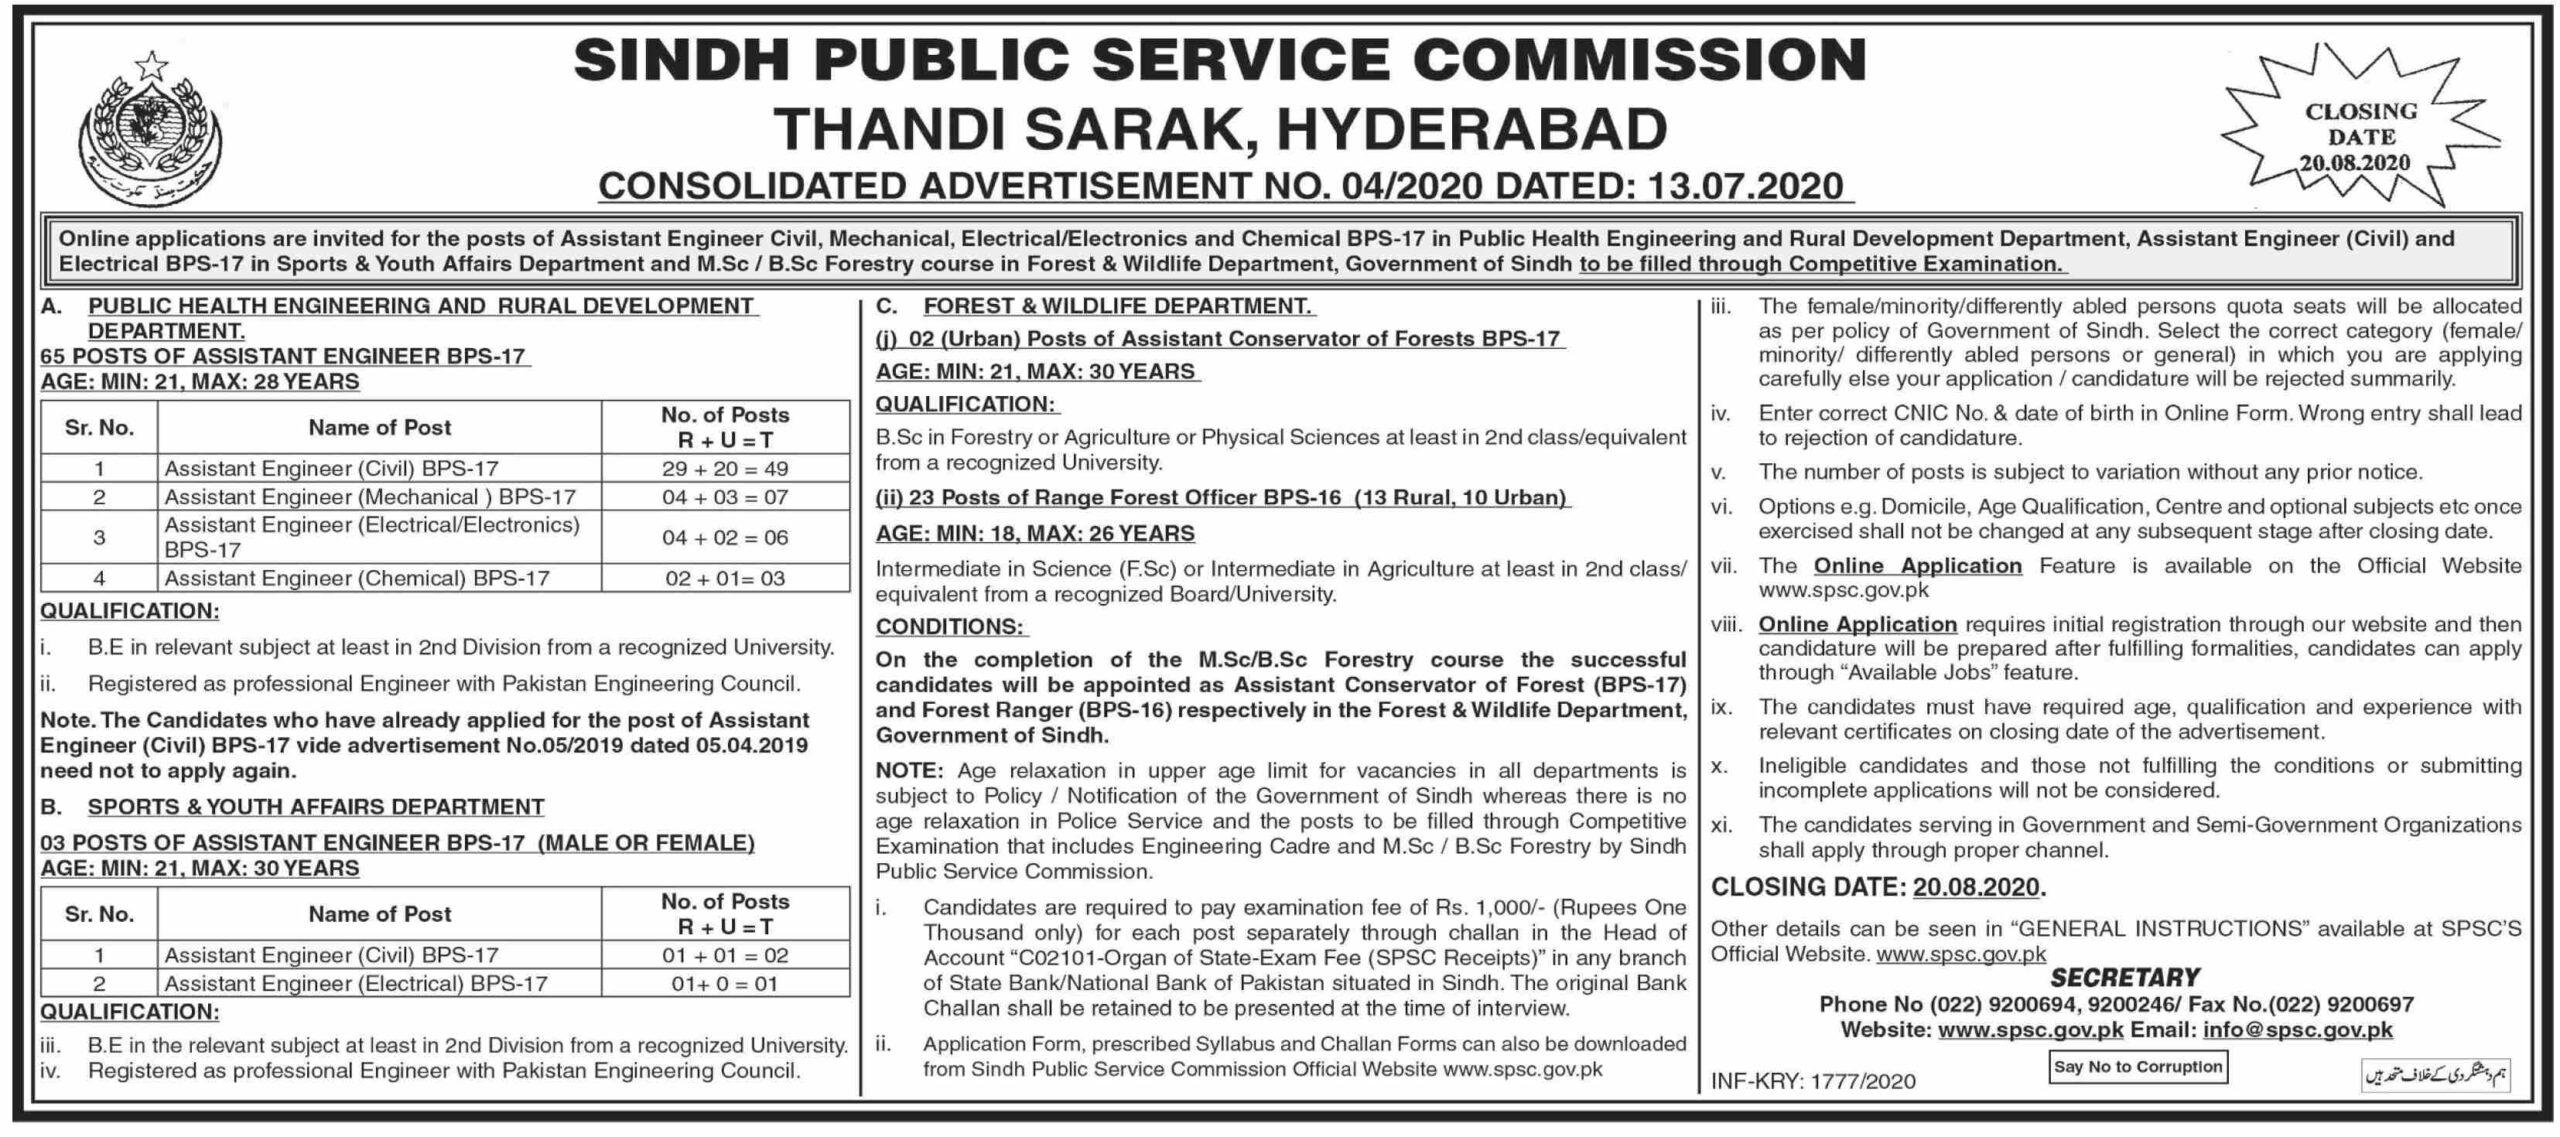 sindh-public-service-commission-SPSC-jobs-2020